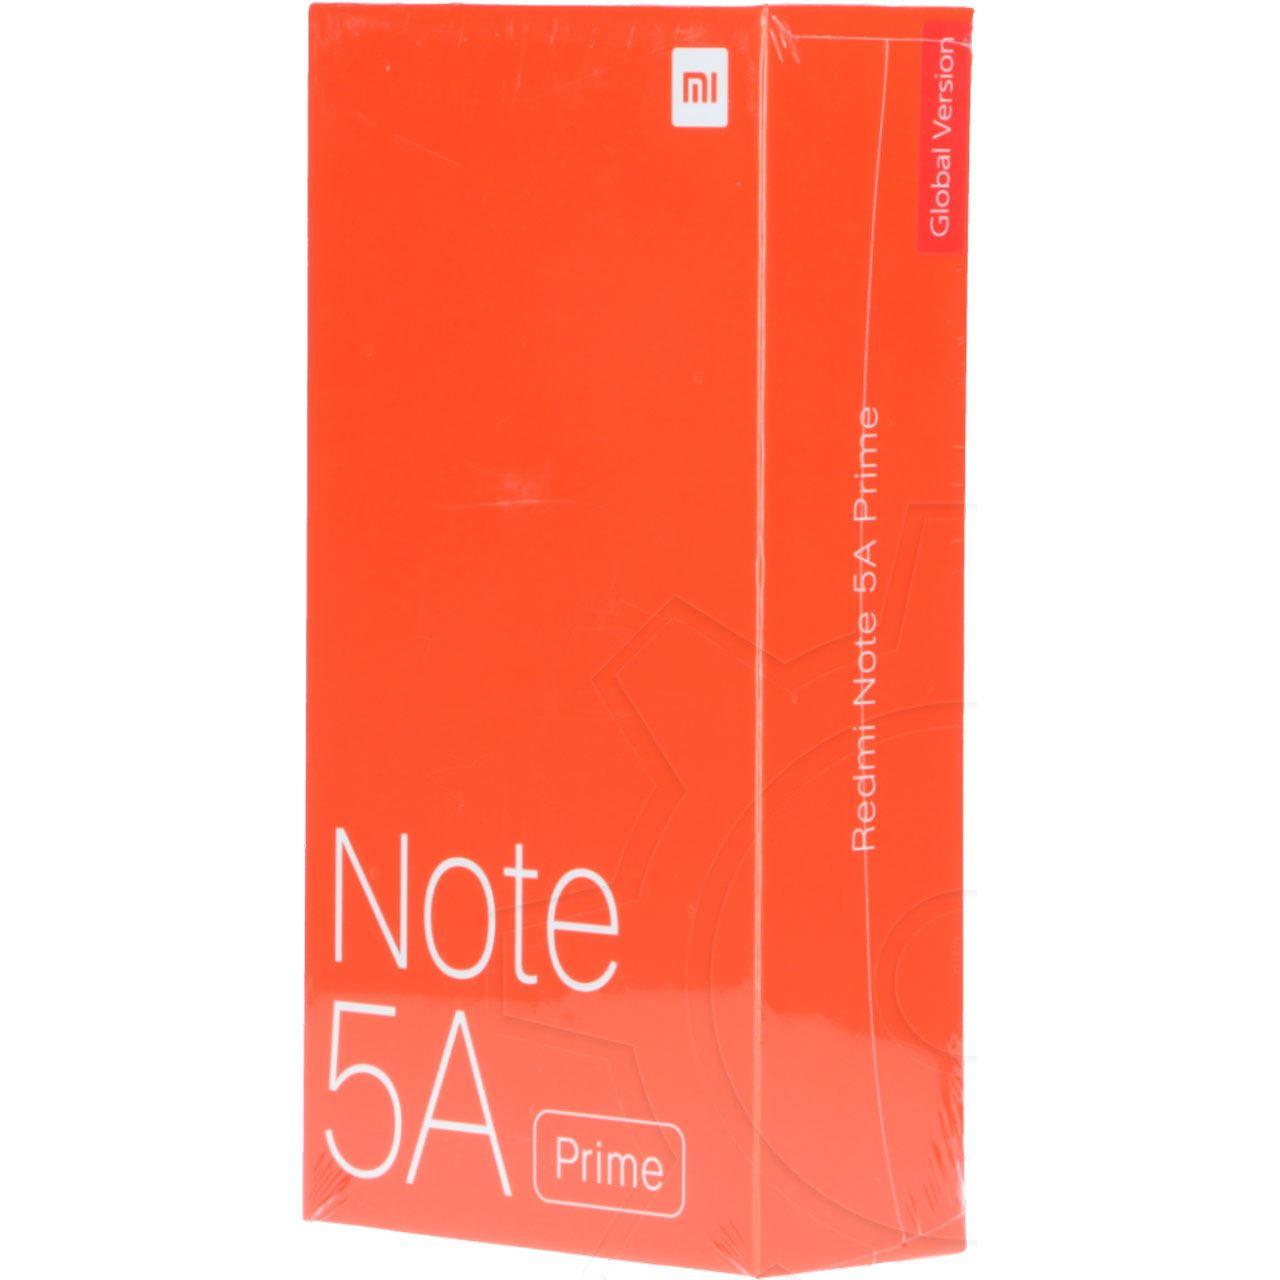 Xiaomi Redmi Note 5a Prime Dual Sim 32gb Grau Smartphones Ohne Touchscreen